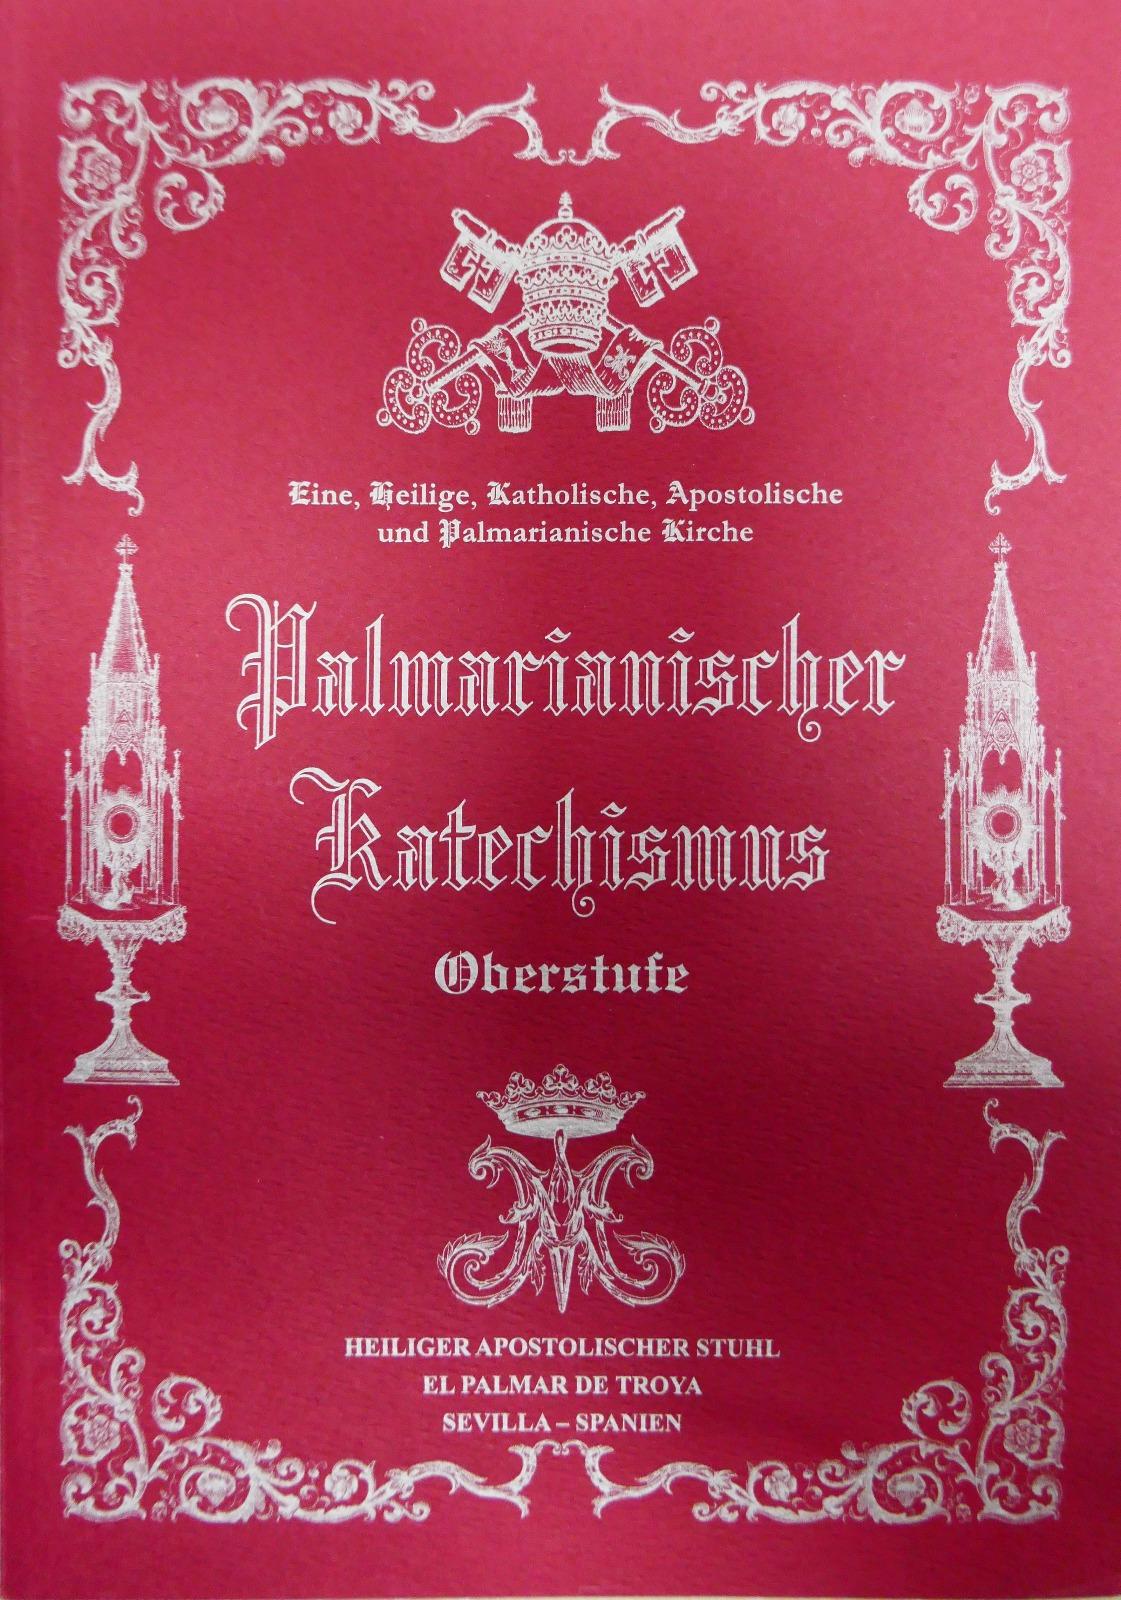 Auszüge aus dem Palmarianischen <br>Katechismus <br> <br> Mehr</a>